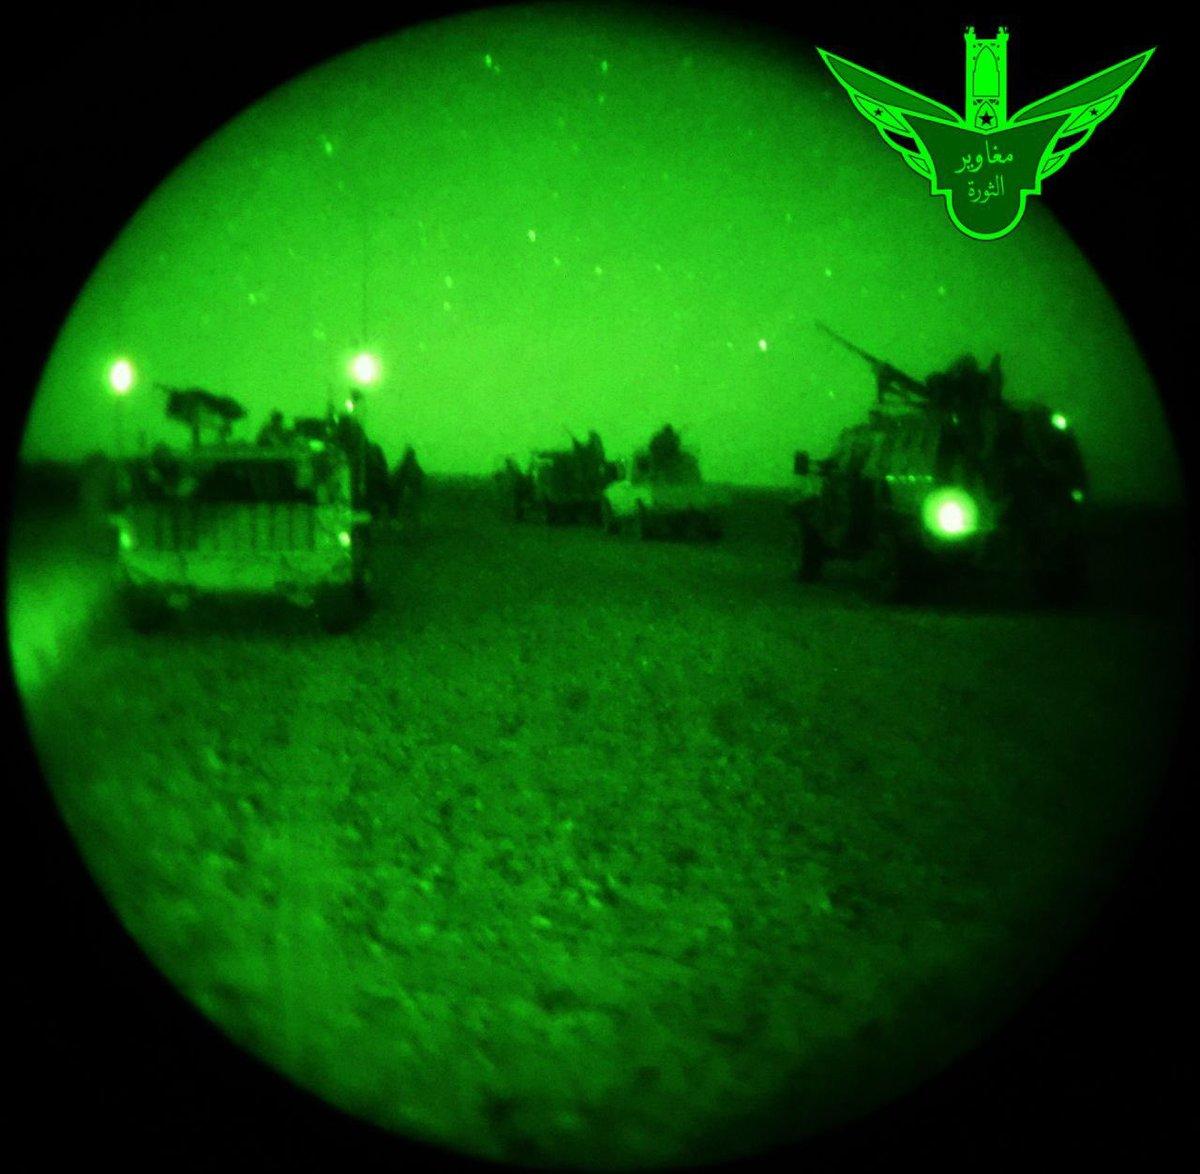 Ξεκινάει η μητέρα των μαχών για Deir Ezzor: Στη Συρία ο Ρώσος Α/ΓΕΕΘΑ – Οι ρωσικές δυνάμεις με τεράστια δύναμη πυρός σημαδεύουν τις ΝΑΤΟϊκές στη Ν.Συρία – Ρωσικό μαχητικό αναχαίτισε αμερικανικό αεροσκάφος – Δείτε βίντεο και εικόνες - Εικόνα1